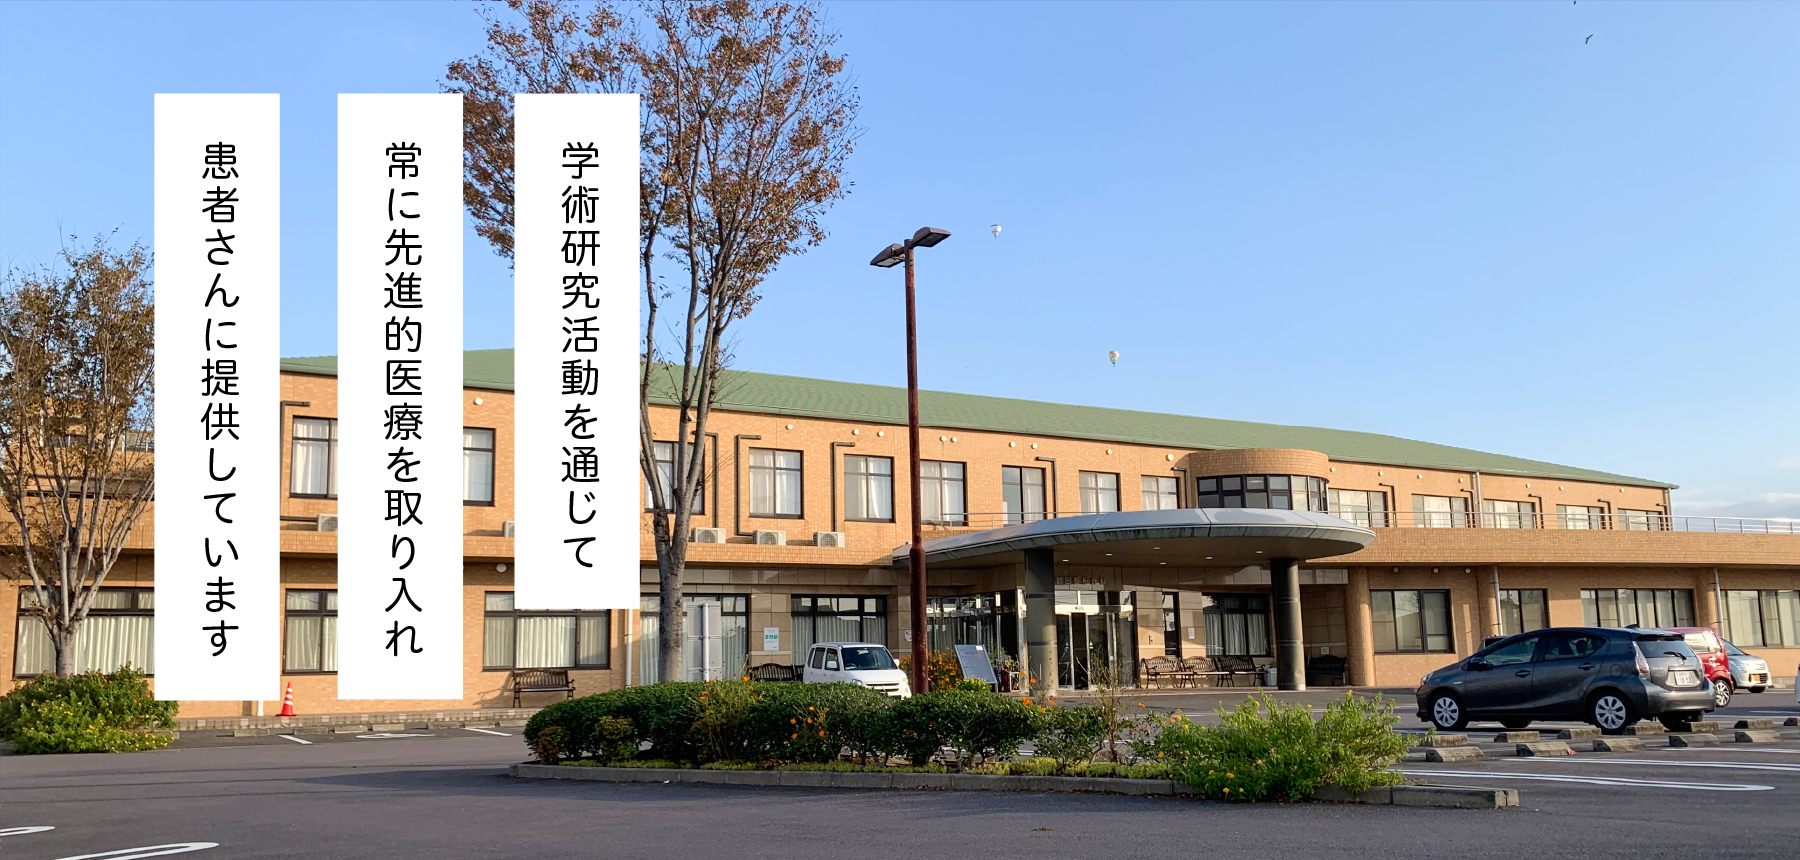 鶴田整形外科は学術研究活動を通じて常に先進的医療を取り入れ患者さんに提供しています。